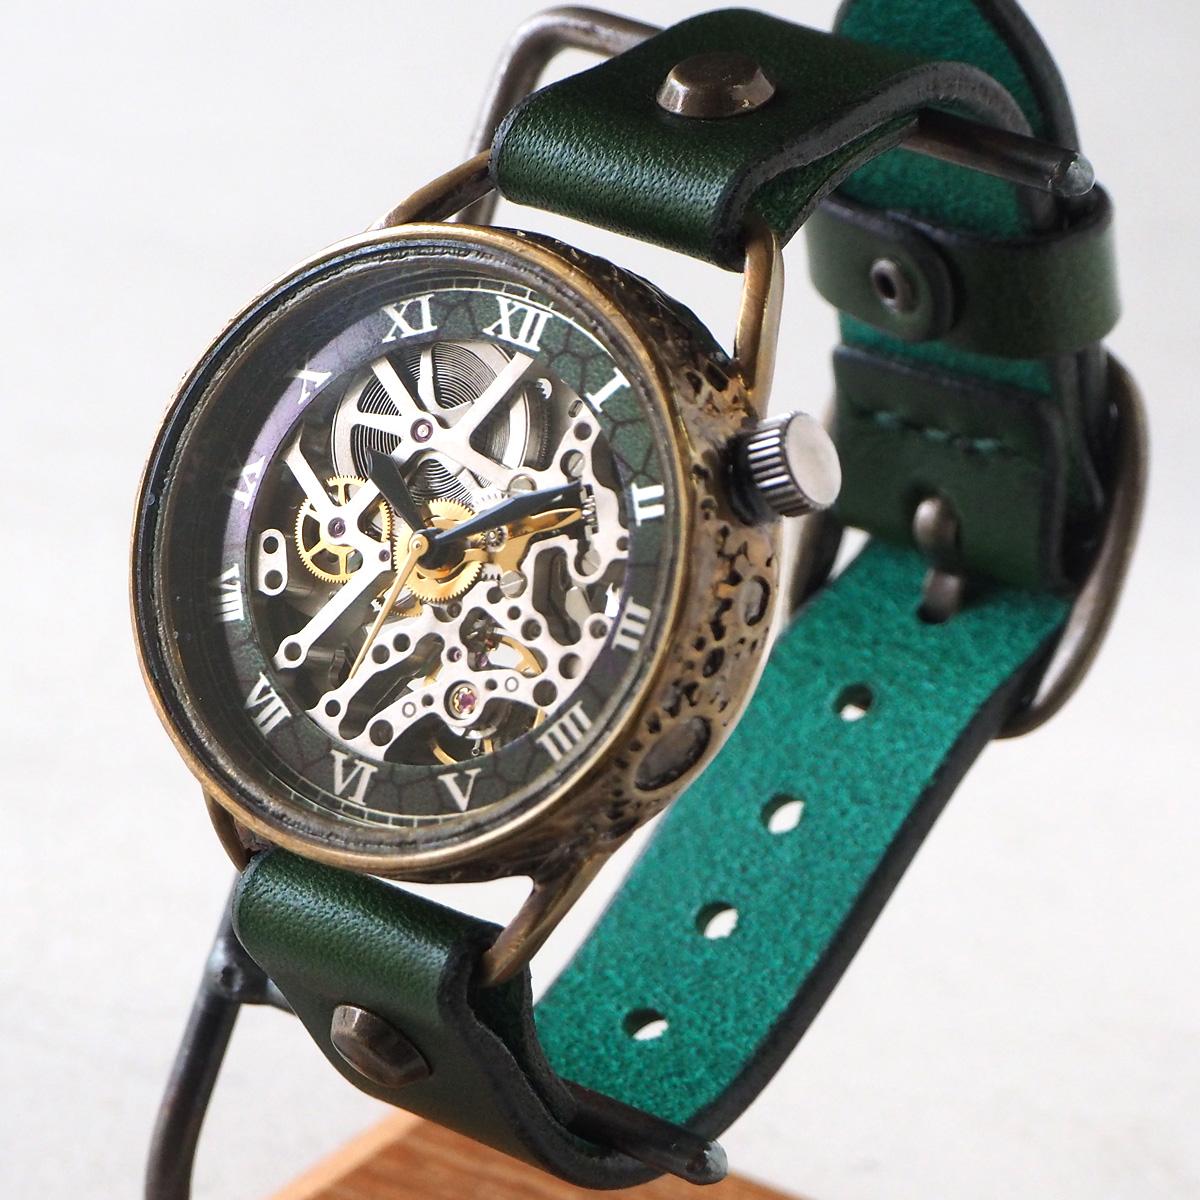 KINO(キノ) 手作り腕時計 自動巻き 裏スケルトン メカニックシルバー グリーン [K-15-MSV-GR]